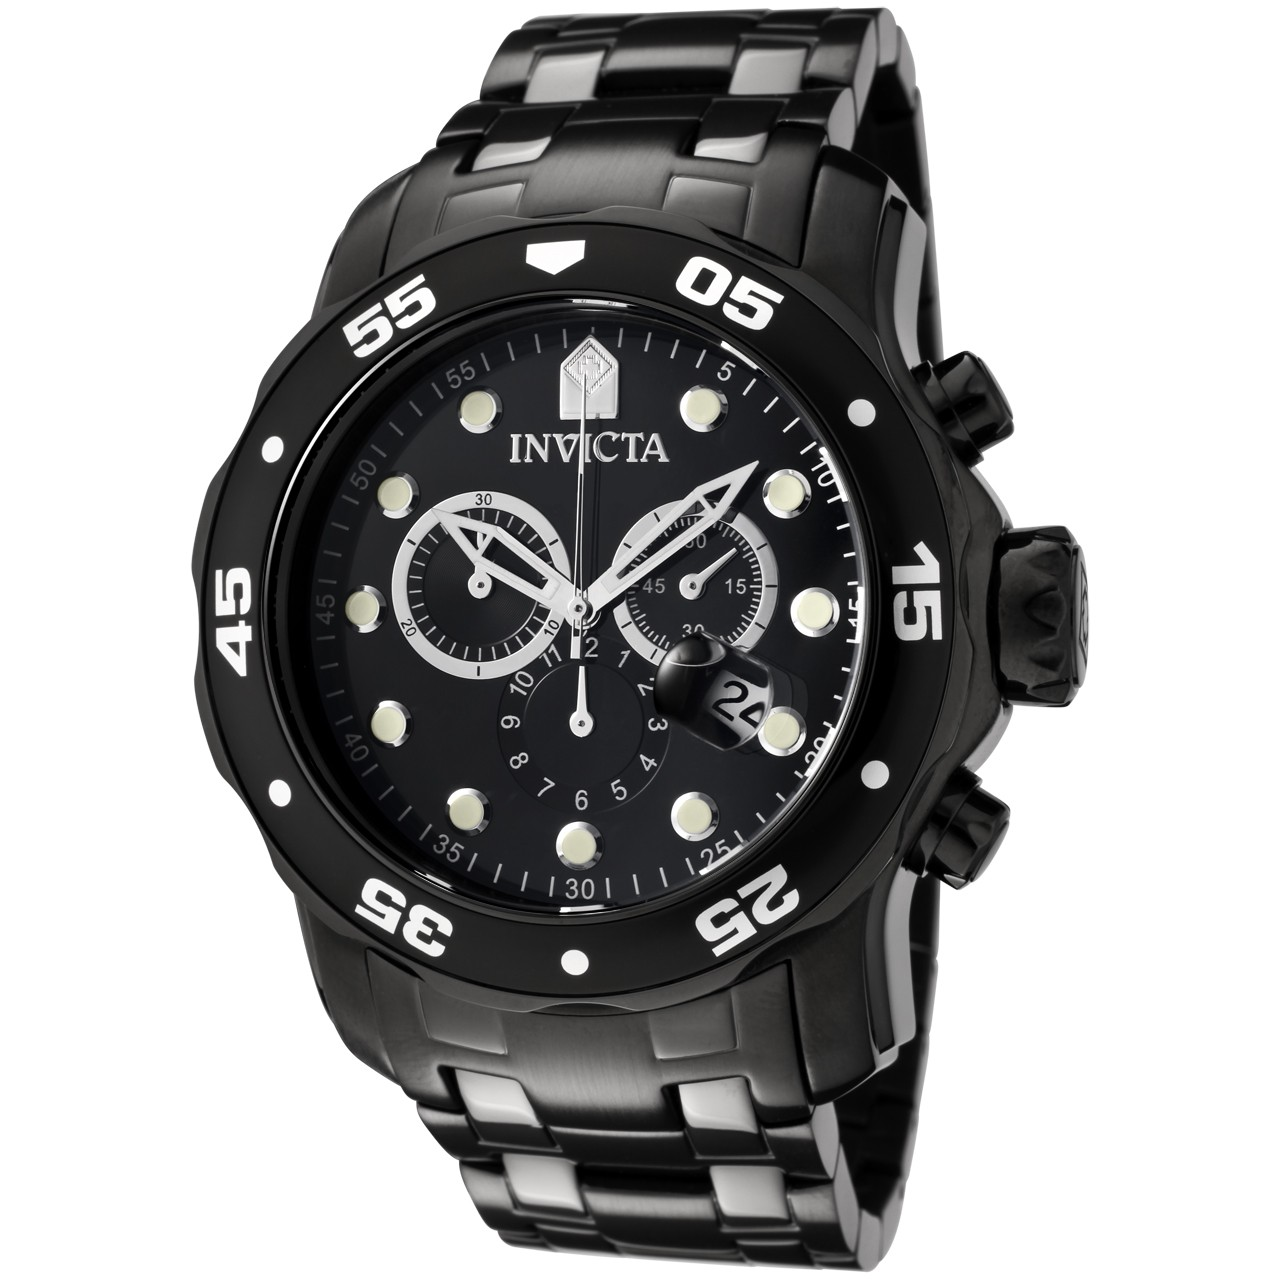 código promocional 03236 1c8ec Tienda Relojes invicta España - Comprar relojes invicta online